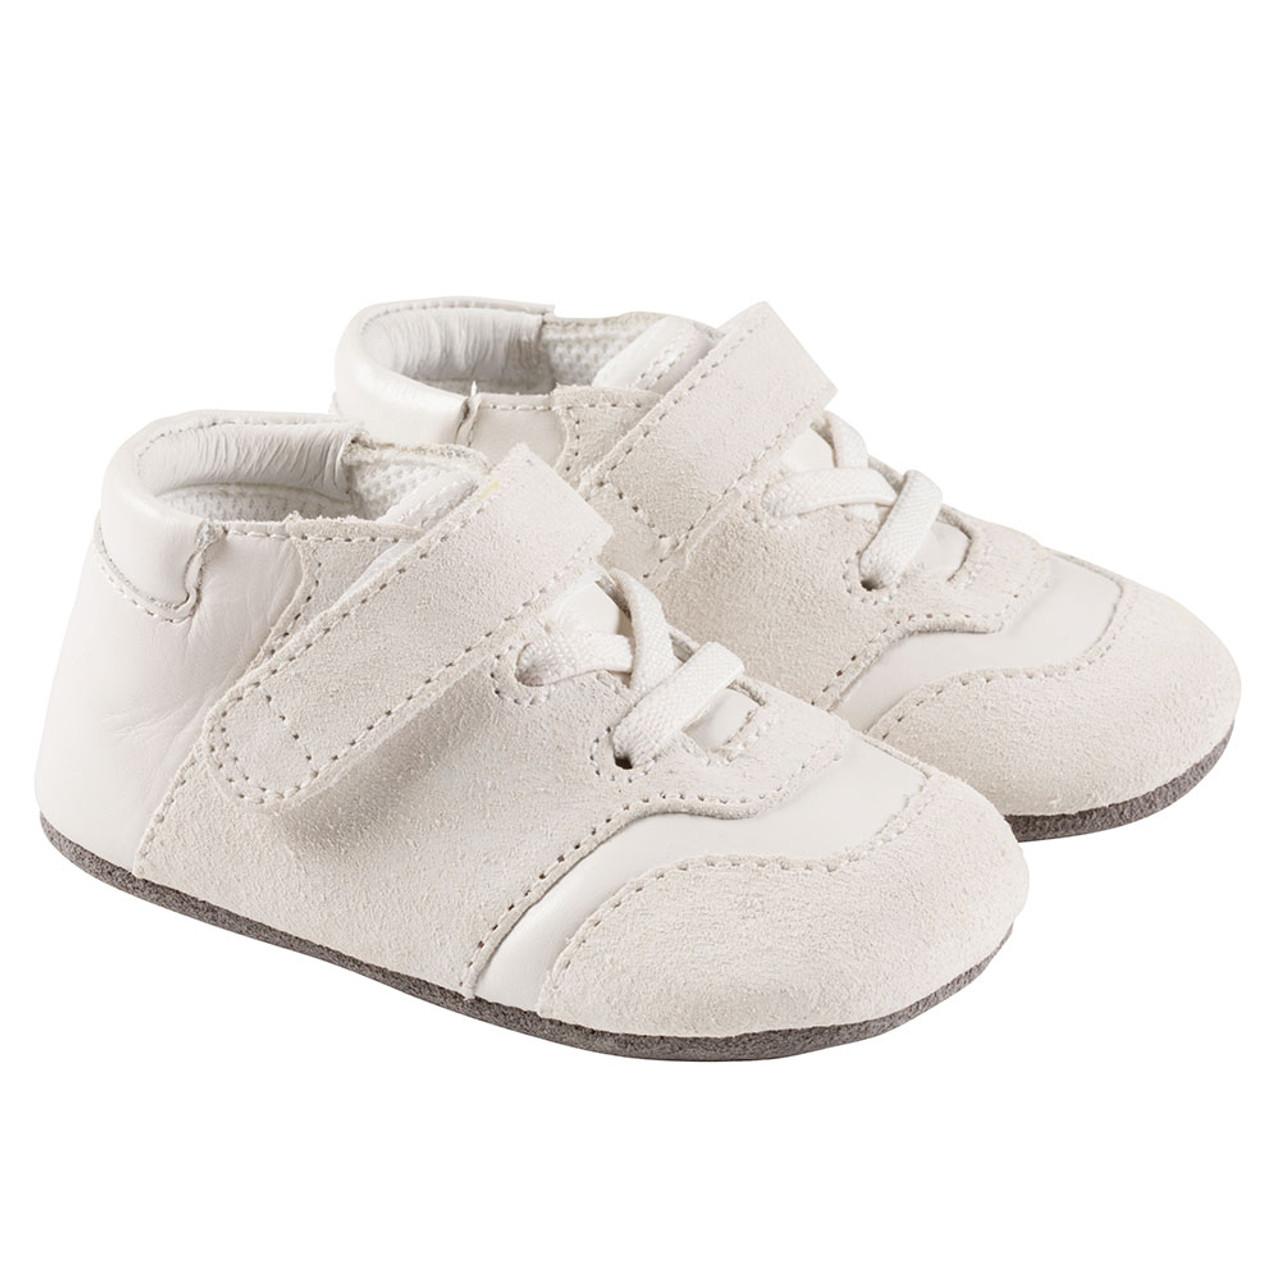 Oakley   Mini Shoez   Baby Shoes   Robeez